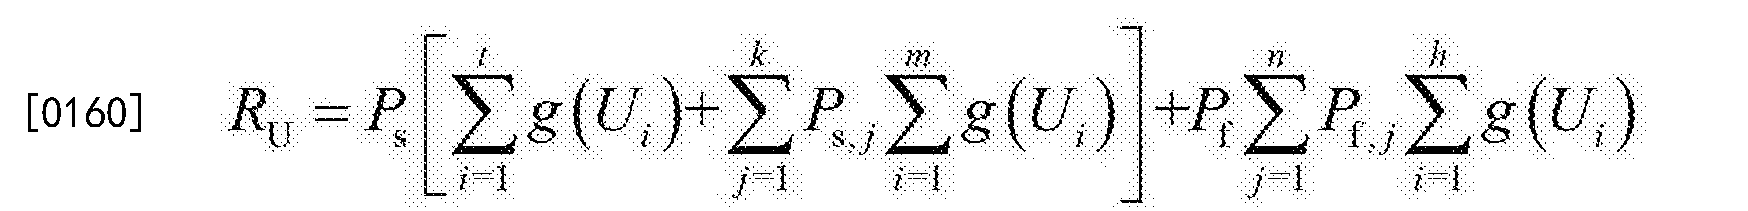 Figure CN103218754BD00161